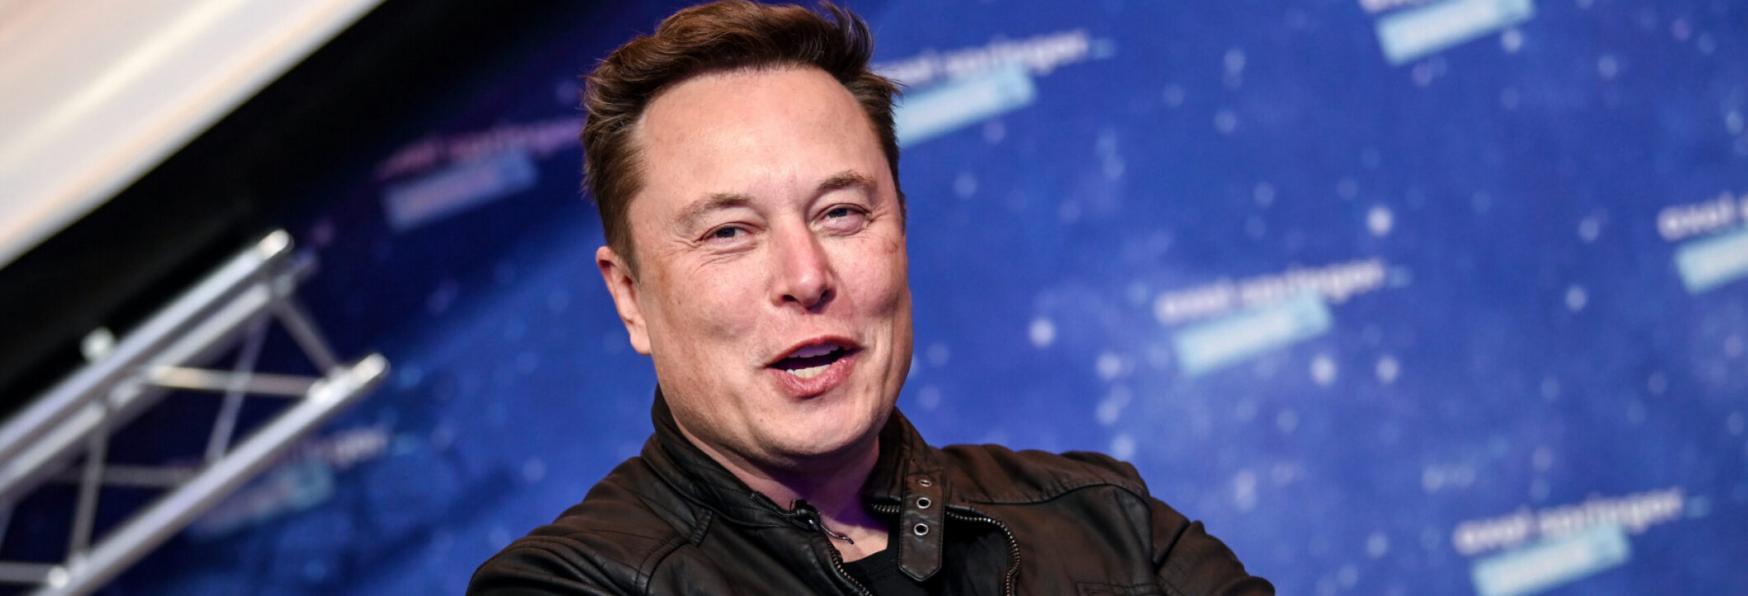 Loki e Rick and Morty ricevono gli Elogi da parte di Elon Musk!